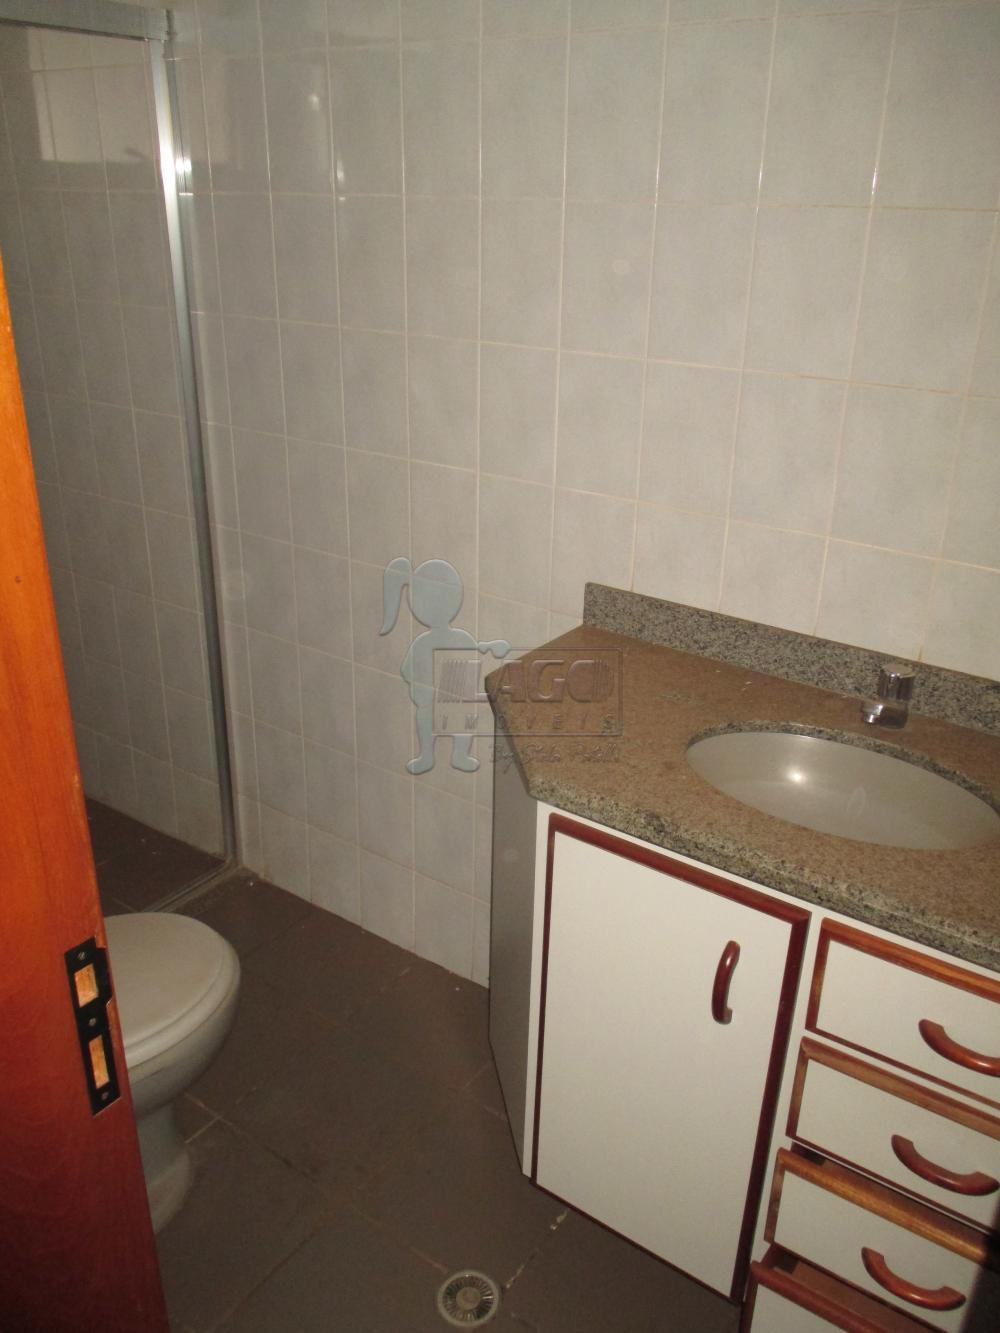 Comprar Apartamento / Padrão em Ribeirão Preto apenas R$ 270.000,00 - Foto 16